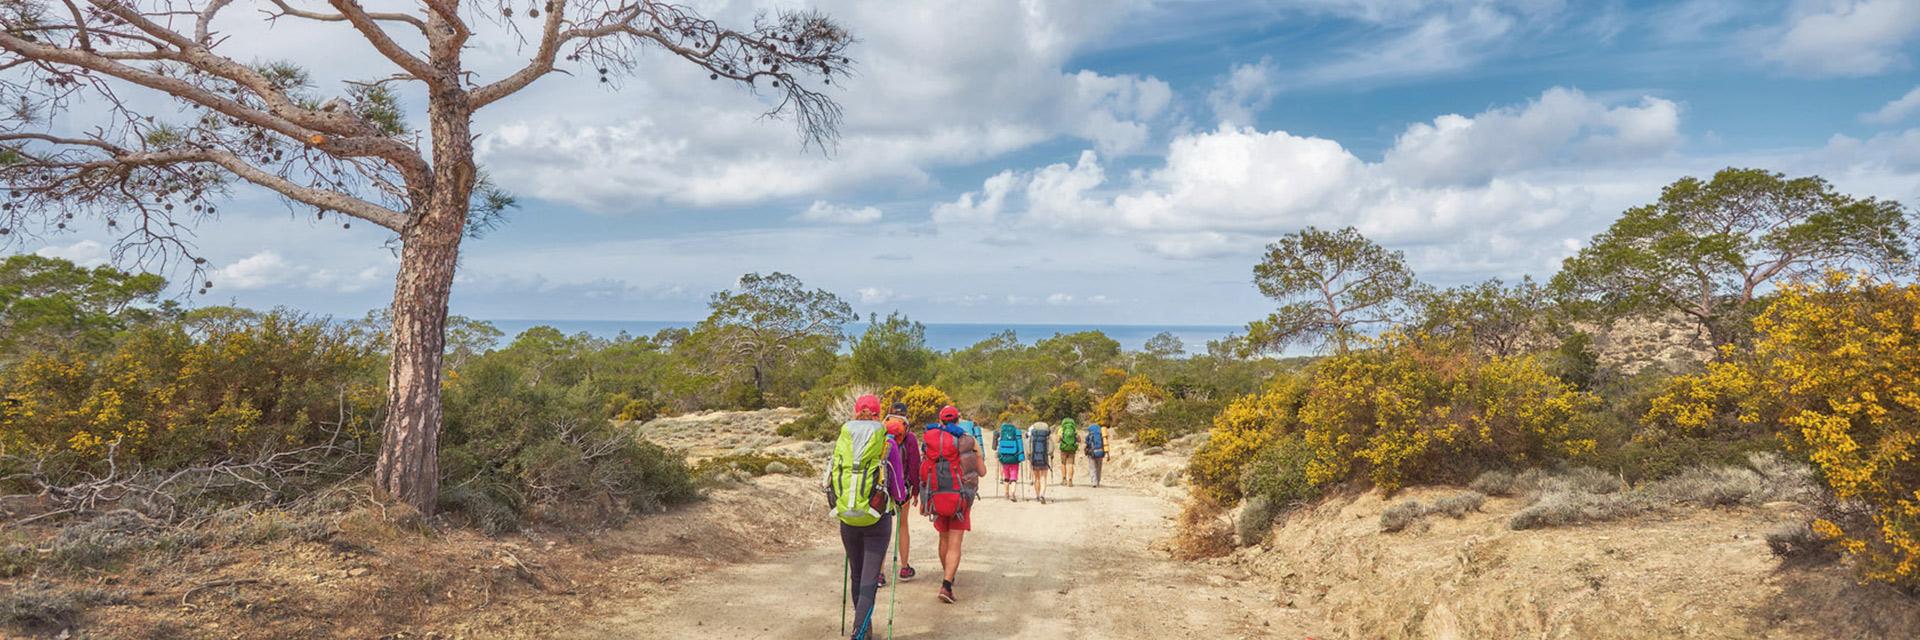 Des vacances pour les groupes de randonneurs